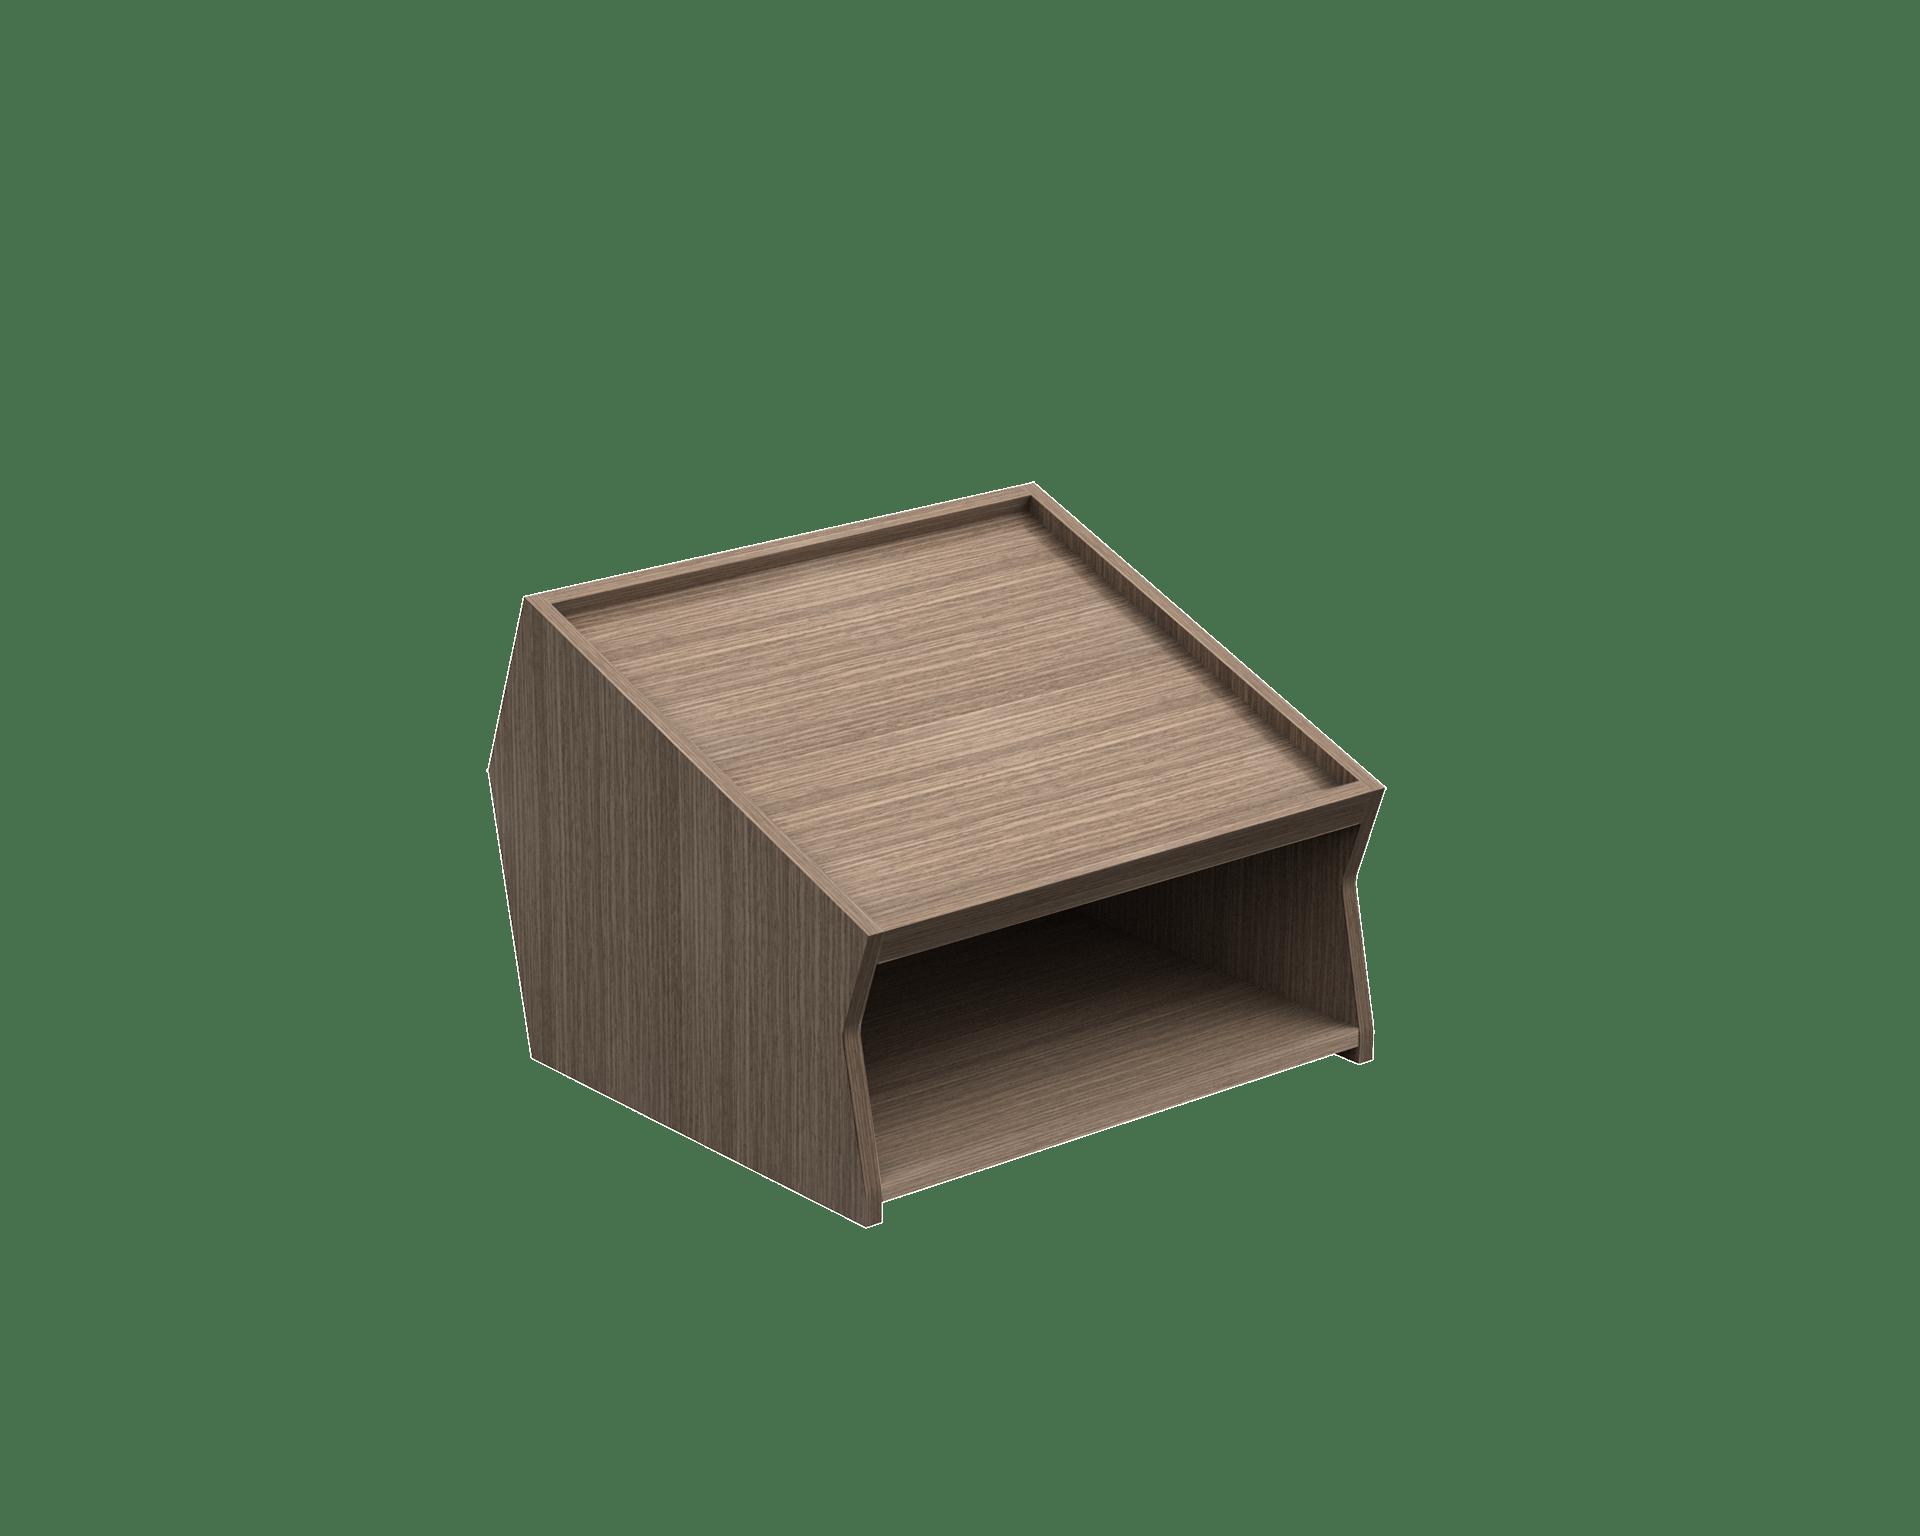 muebles-escolares-podium-ika-opcion-uno